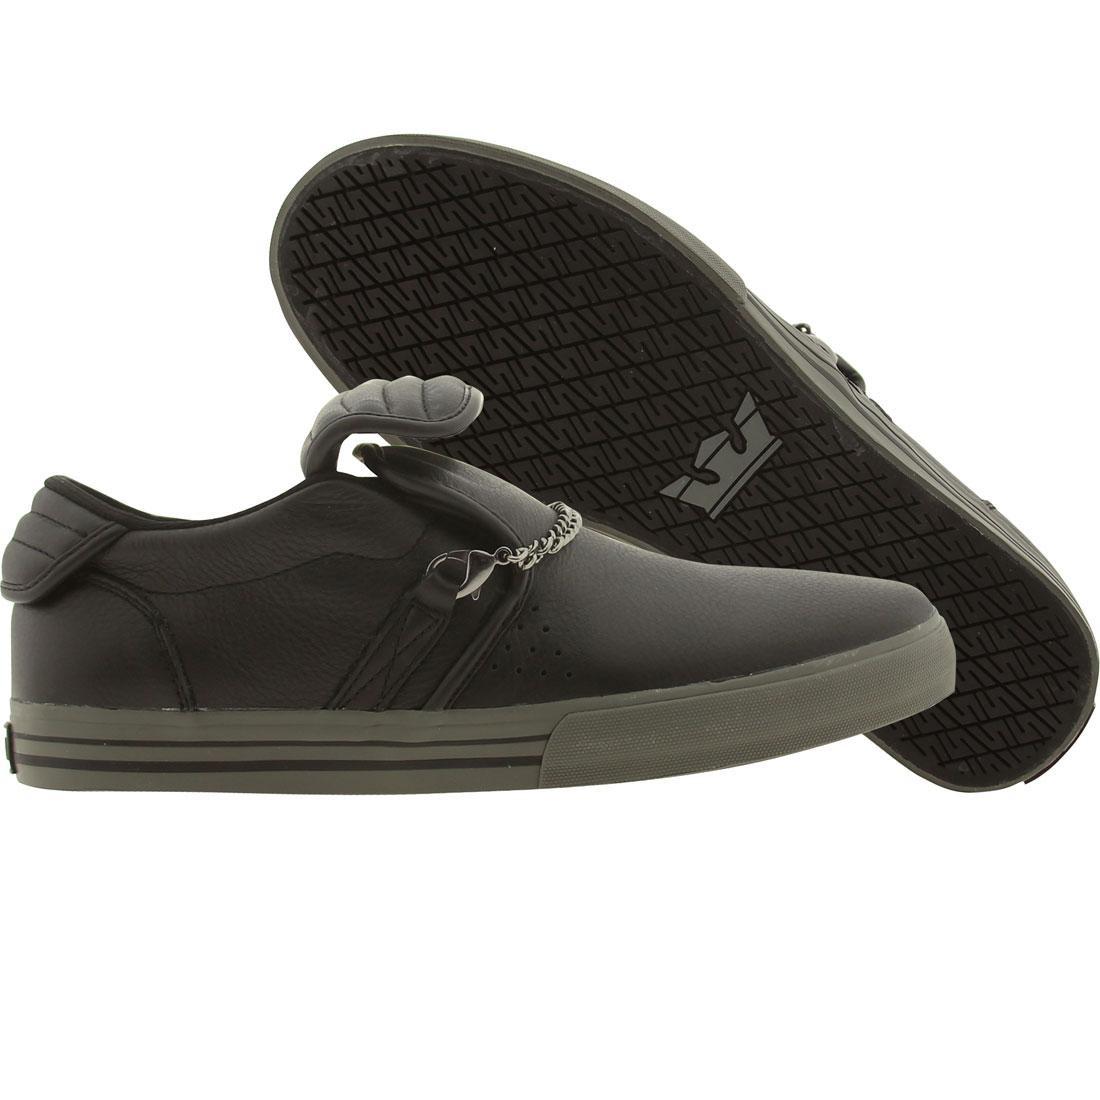 【海外限定】スープラ キューバン 靴 メンズ靴 【 SUPRA CUBAN BLACK GREY 】